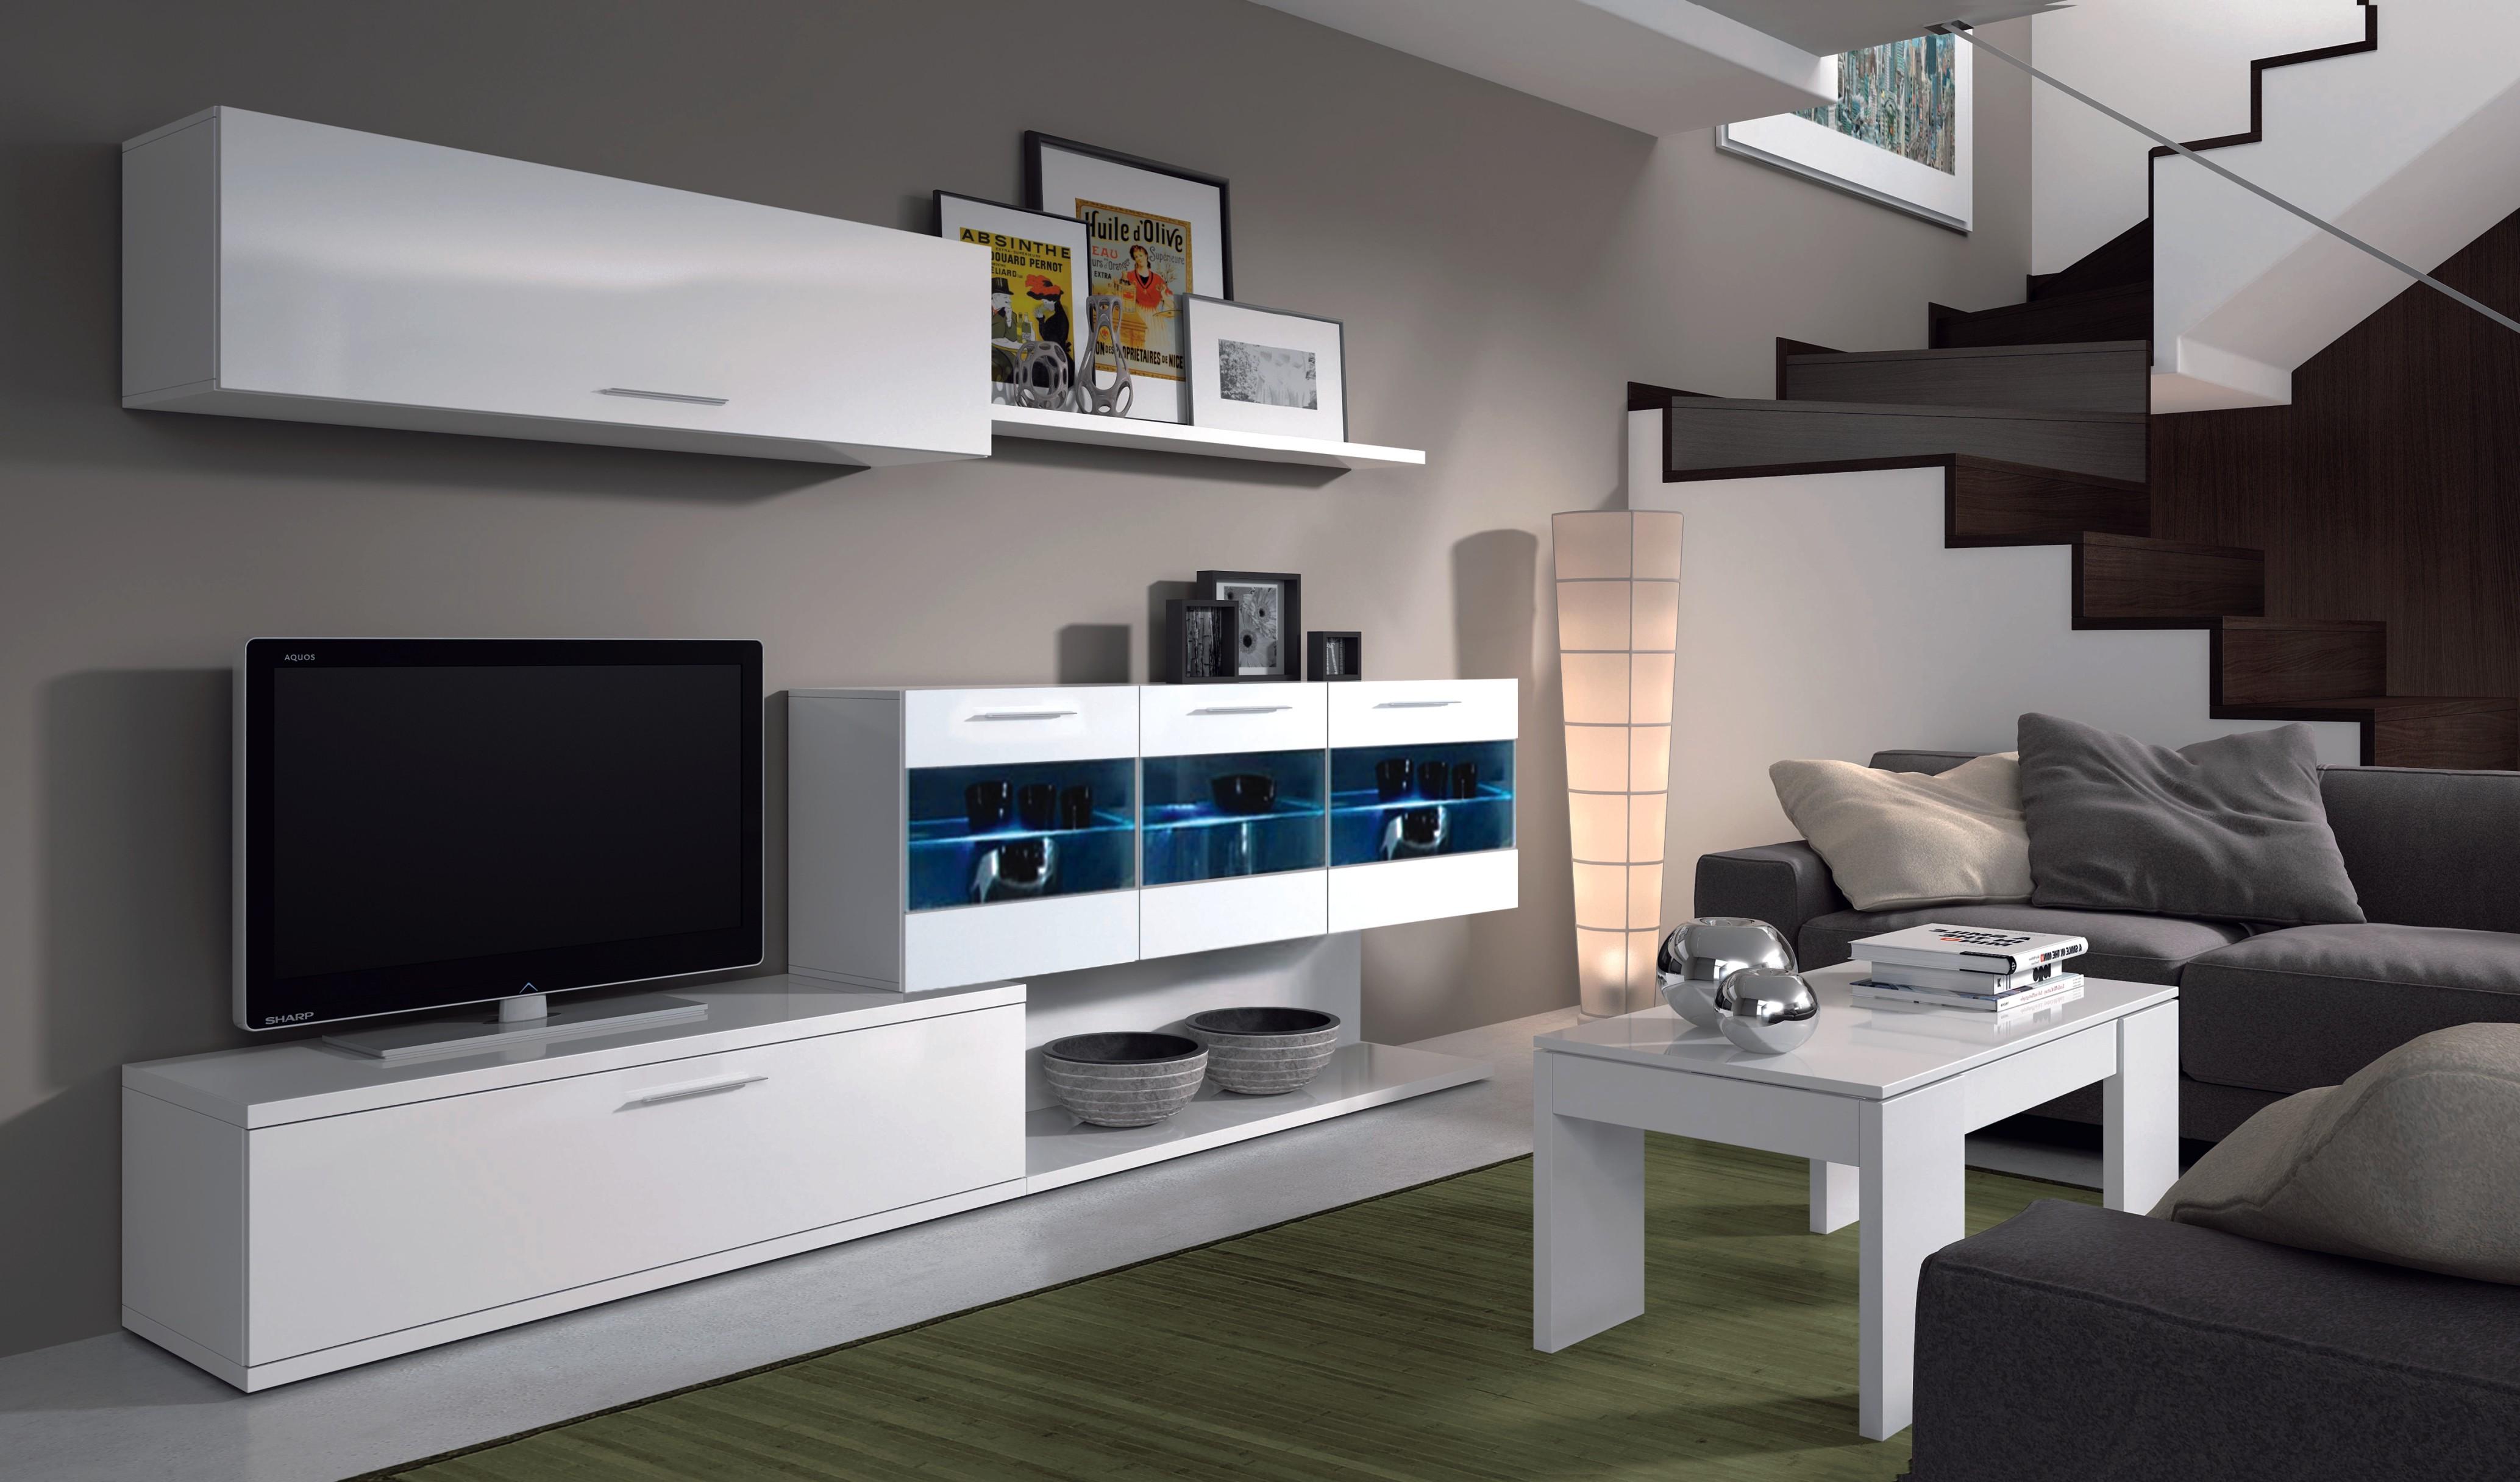 Mueble de comedor salon moderno con leds ebay for Salon comedor moderno